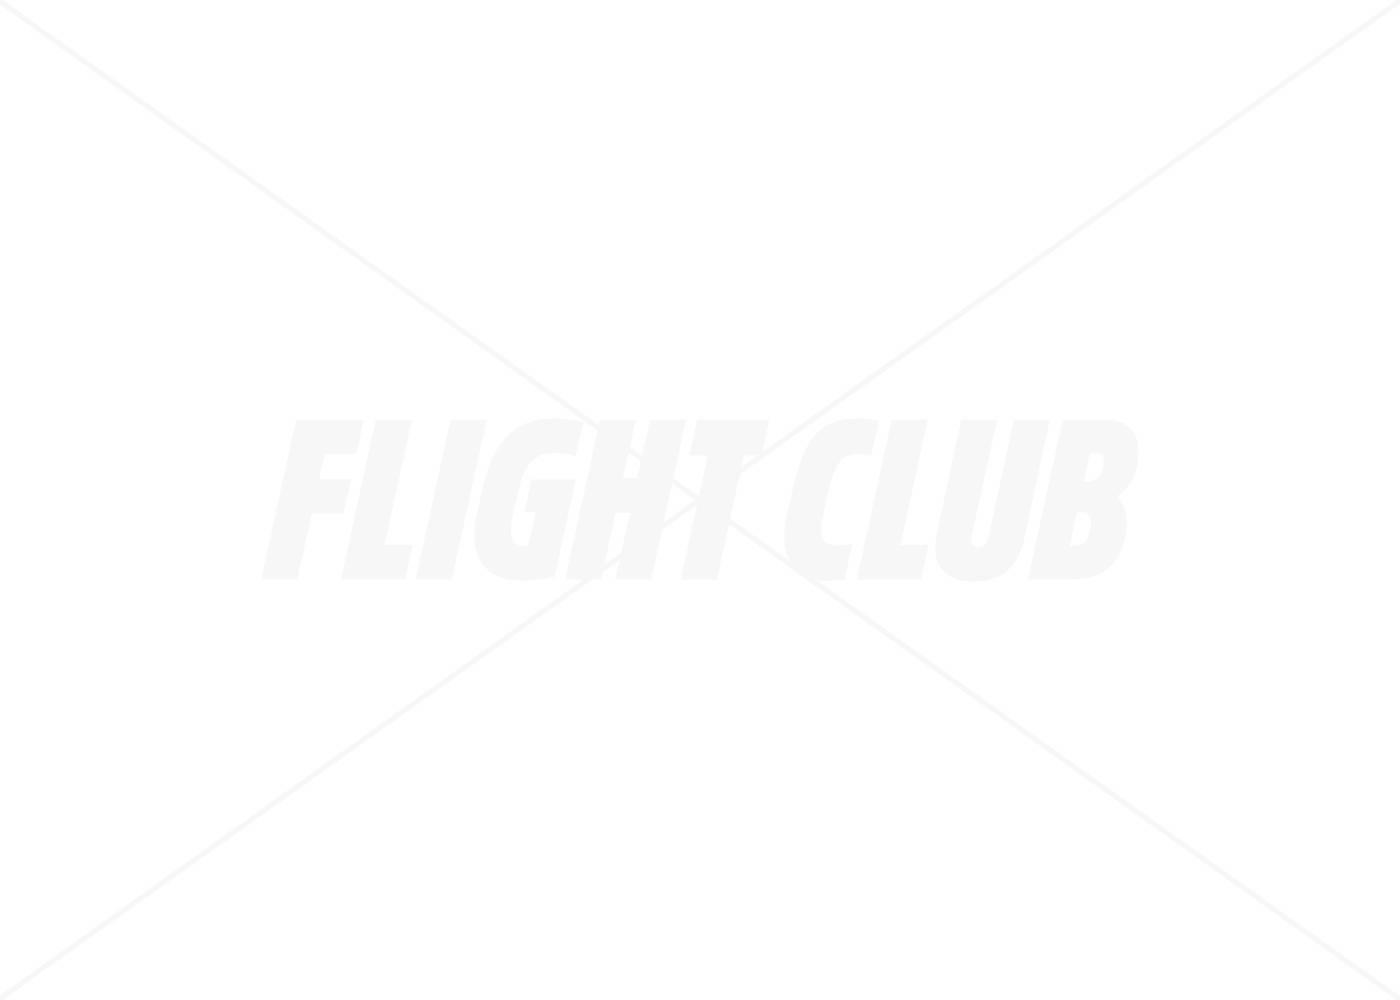 a31abd974ab1 Nike Air Huarache Drift Prm - Nike - ah7335 301 - olive canvas black ...